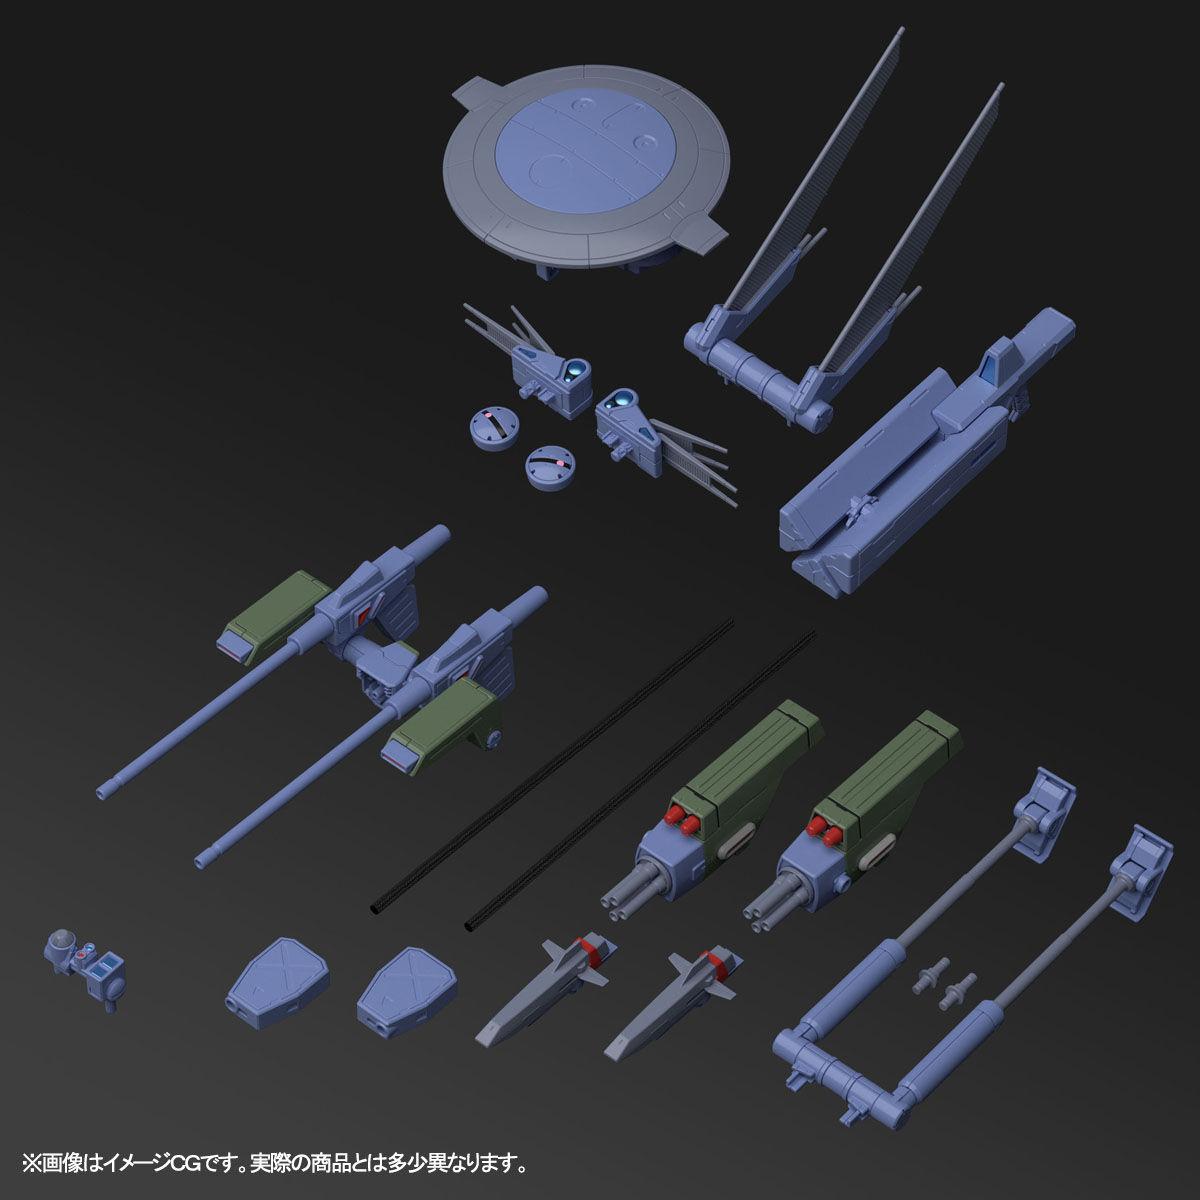 F90E ガンダムF90 エレクトリックタイプ [Gundam F90 Reconnaissance Type]